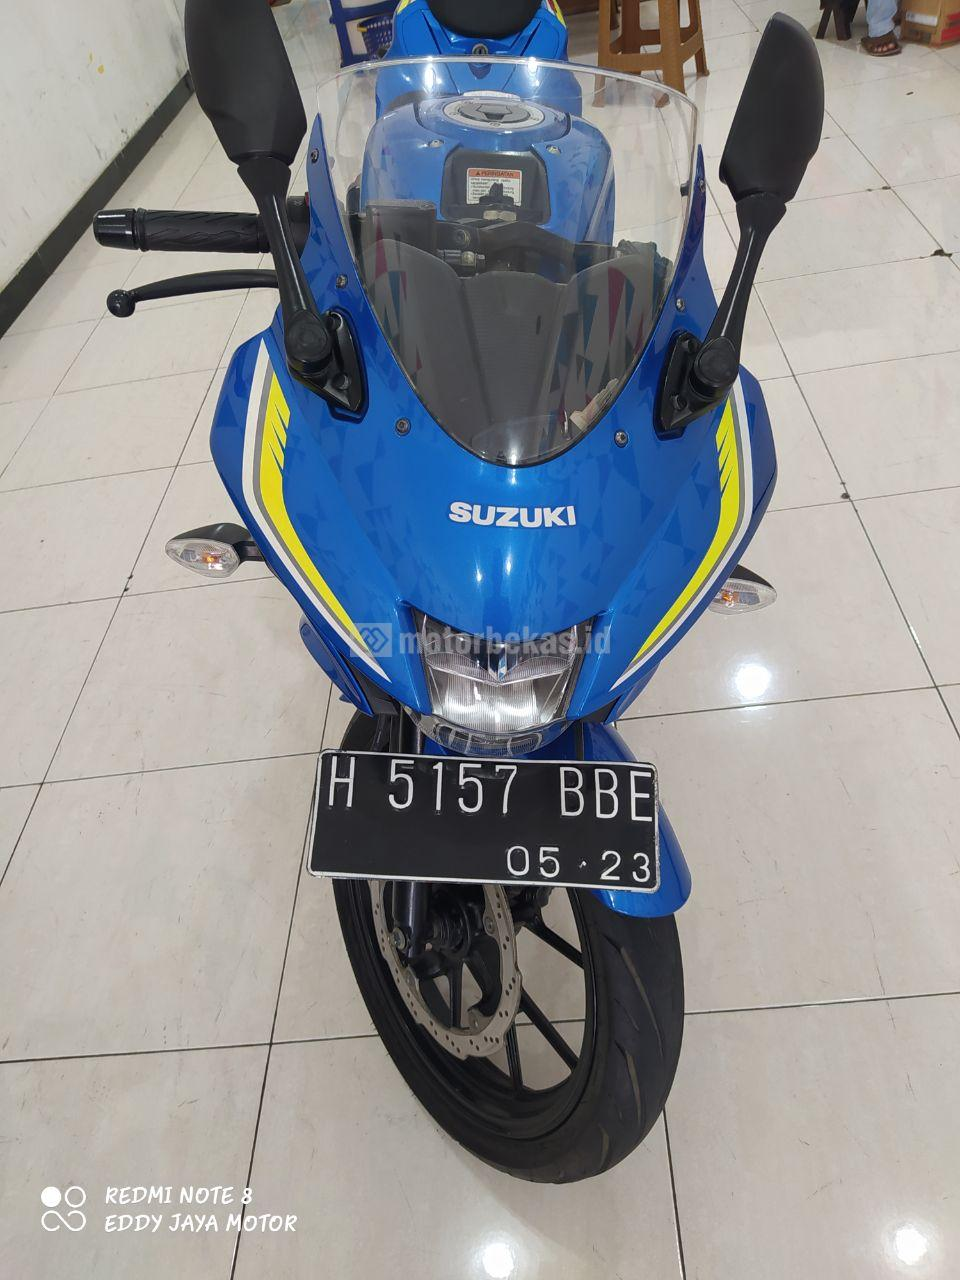 SUZUKI GSX 150R  1171 motorbekas.id